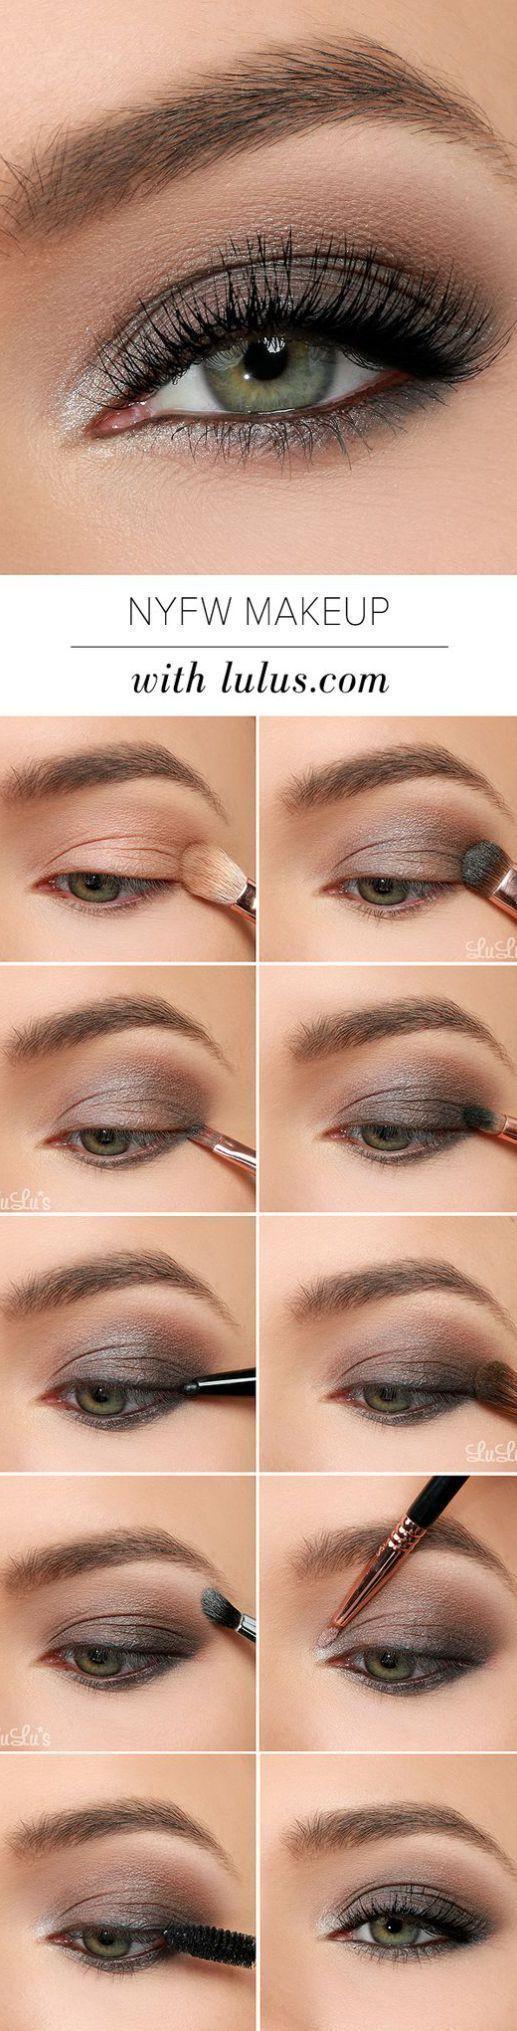 15 Step-By-Step Smoky Eye Makeup Tutorials for Beginners #eyemakeupforbeginners #hoodedeyemakeup